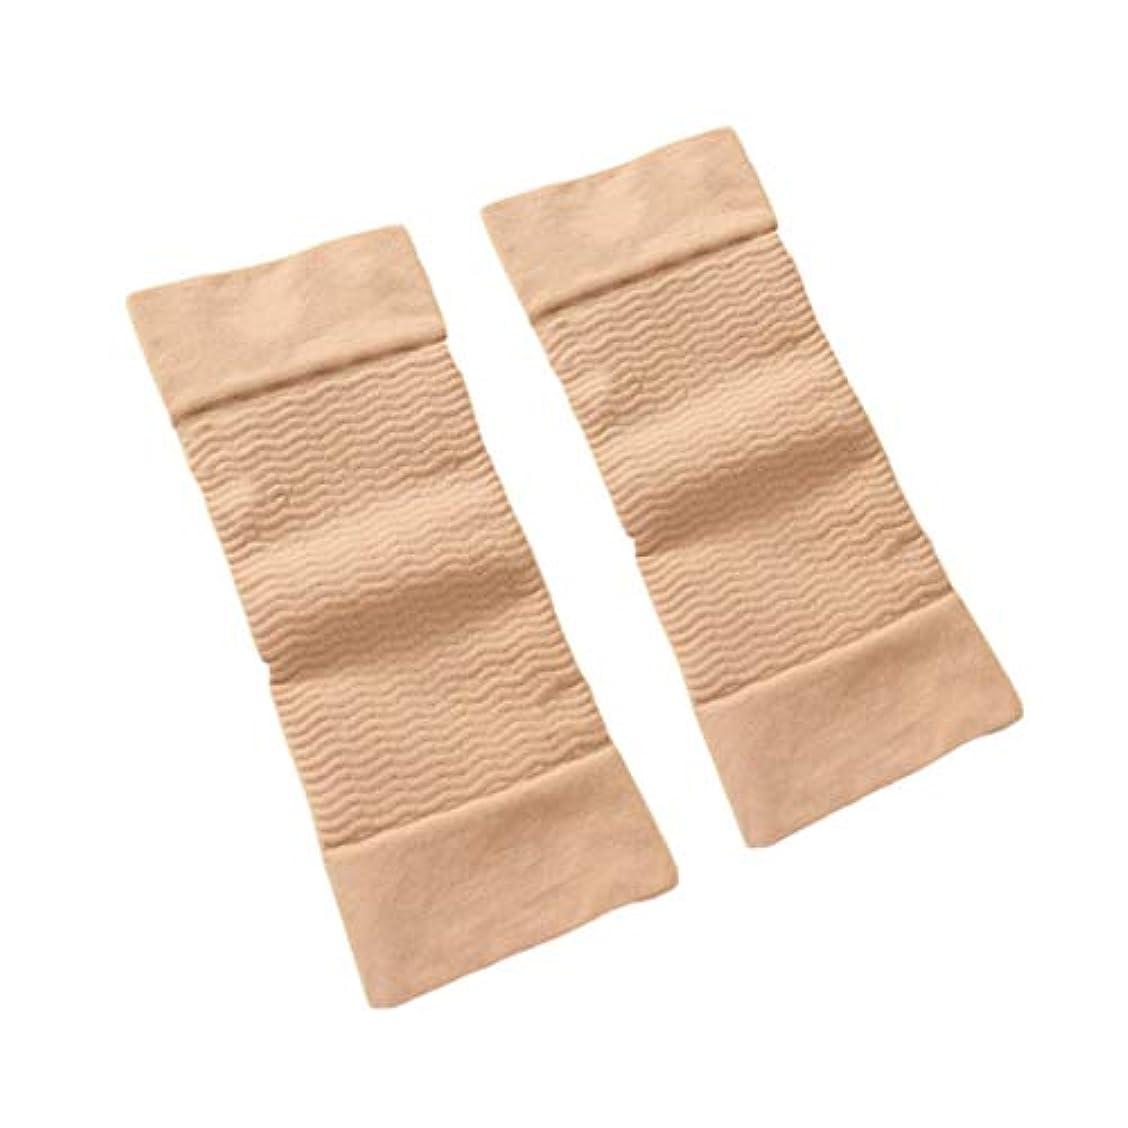 世界に死んだ調和のとれた魅了する1ペア420 D圧縮痩身アームスリーブワークアウトトーニングバーンセルライトシェイパー脂肪燃焼袖用女性 - 肌色